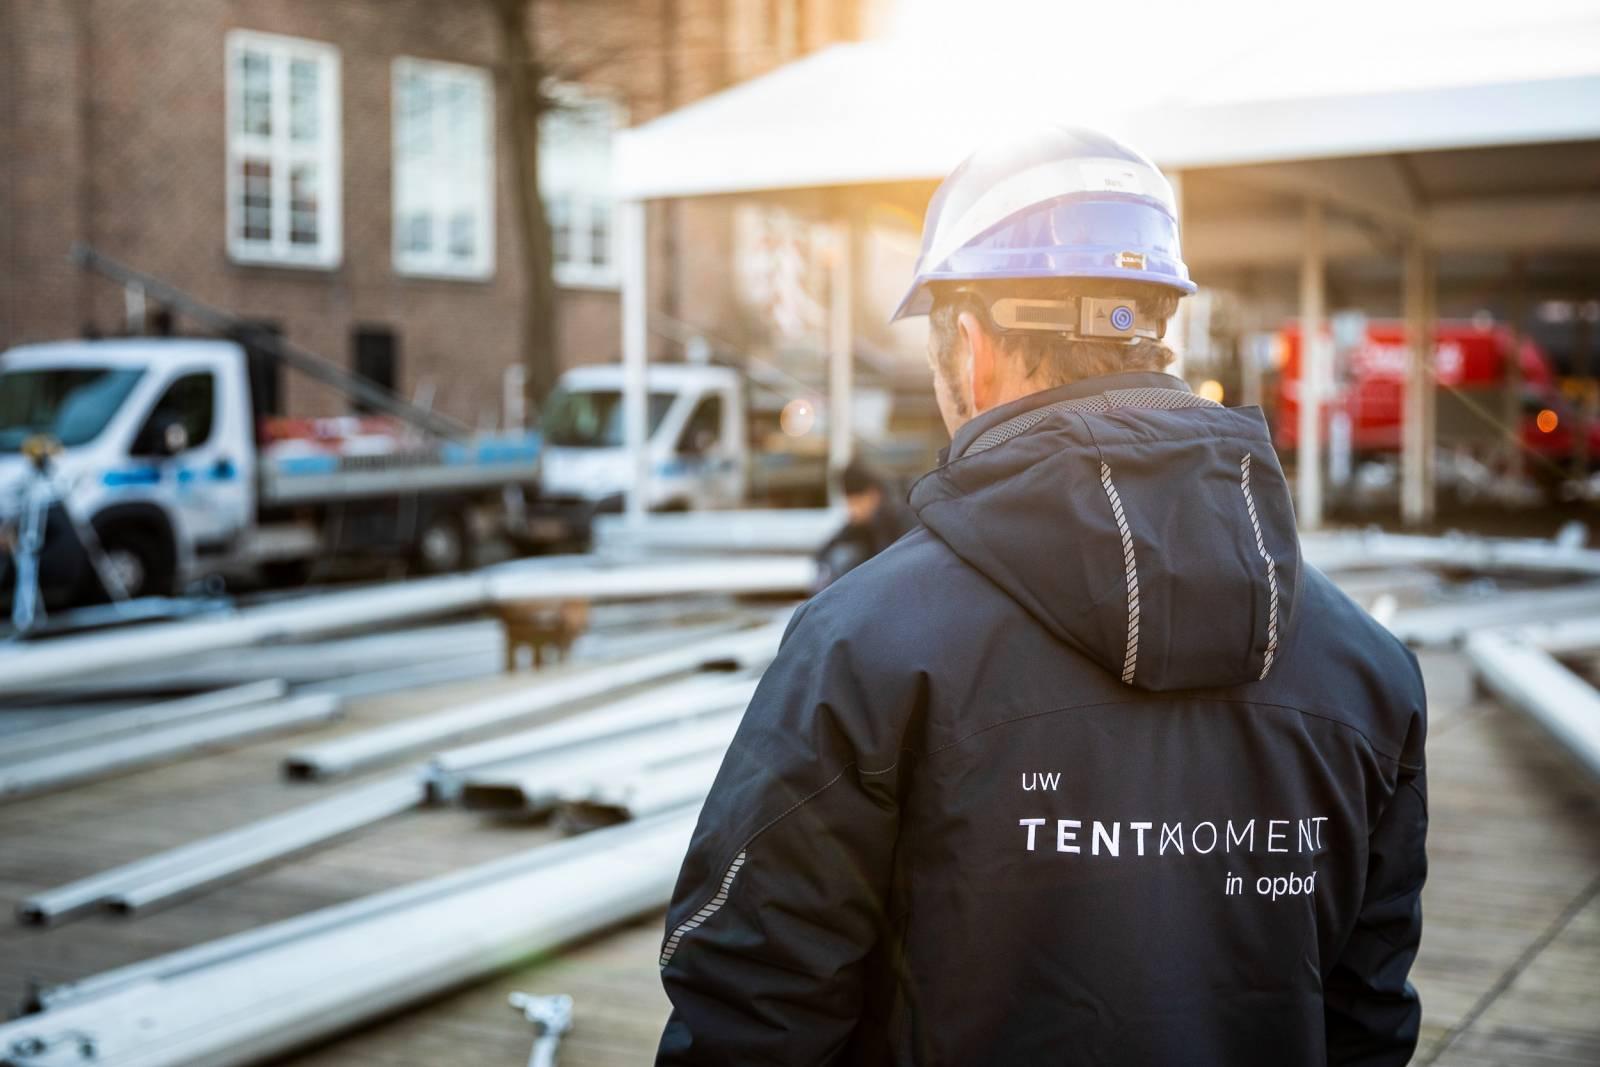 Tentmoment - Feesttent - Tent Event - Verhuur Tenten - Fotograaf Jurgen De Witte - House of Events - 38